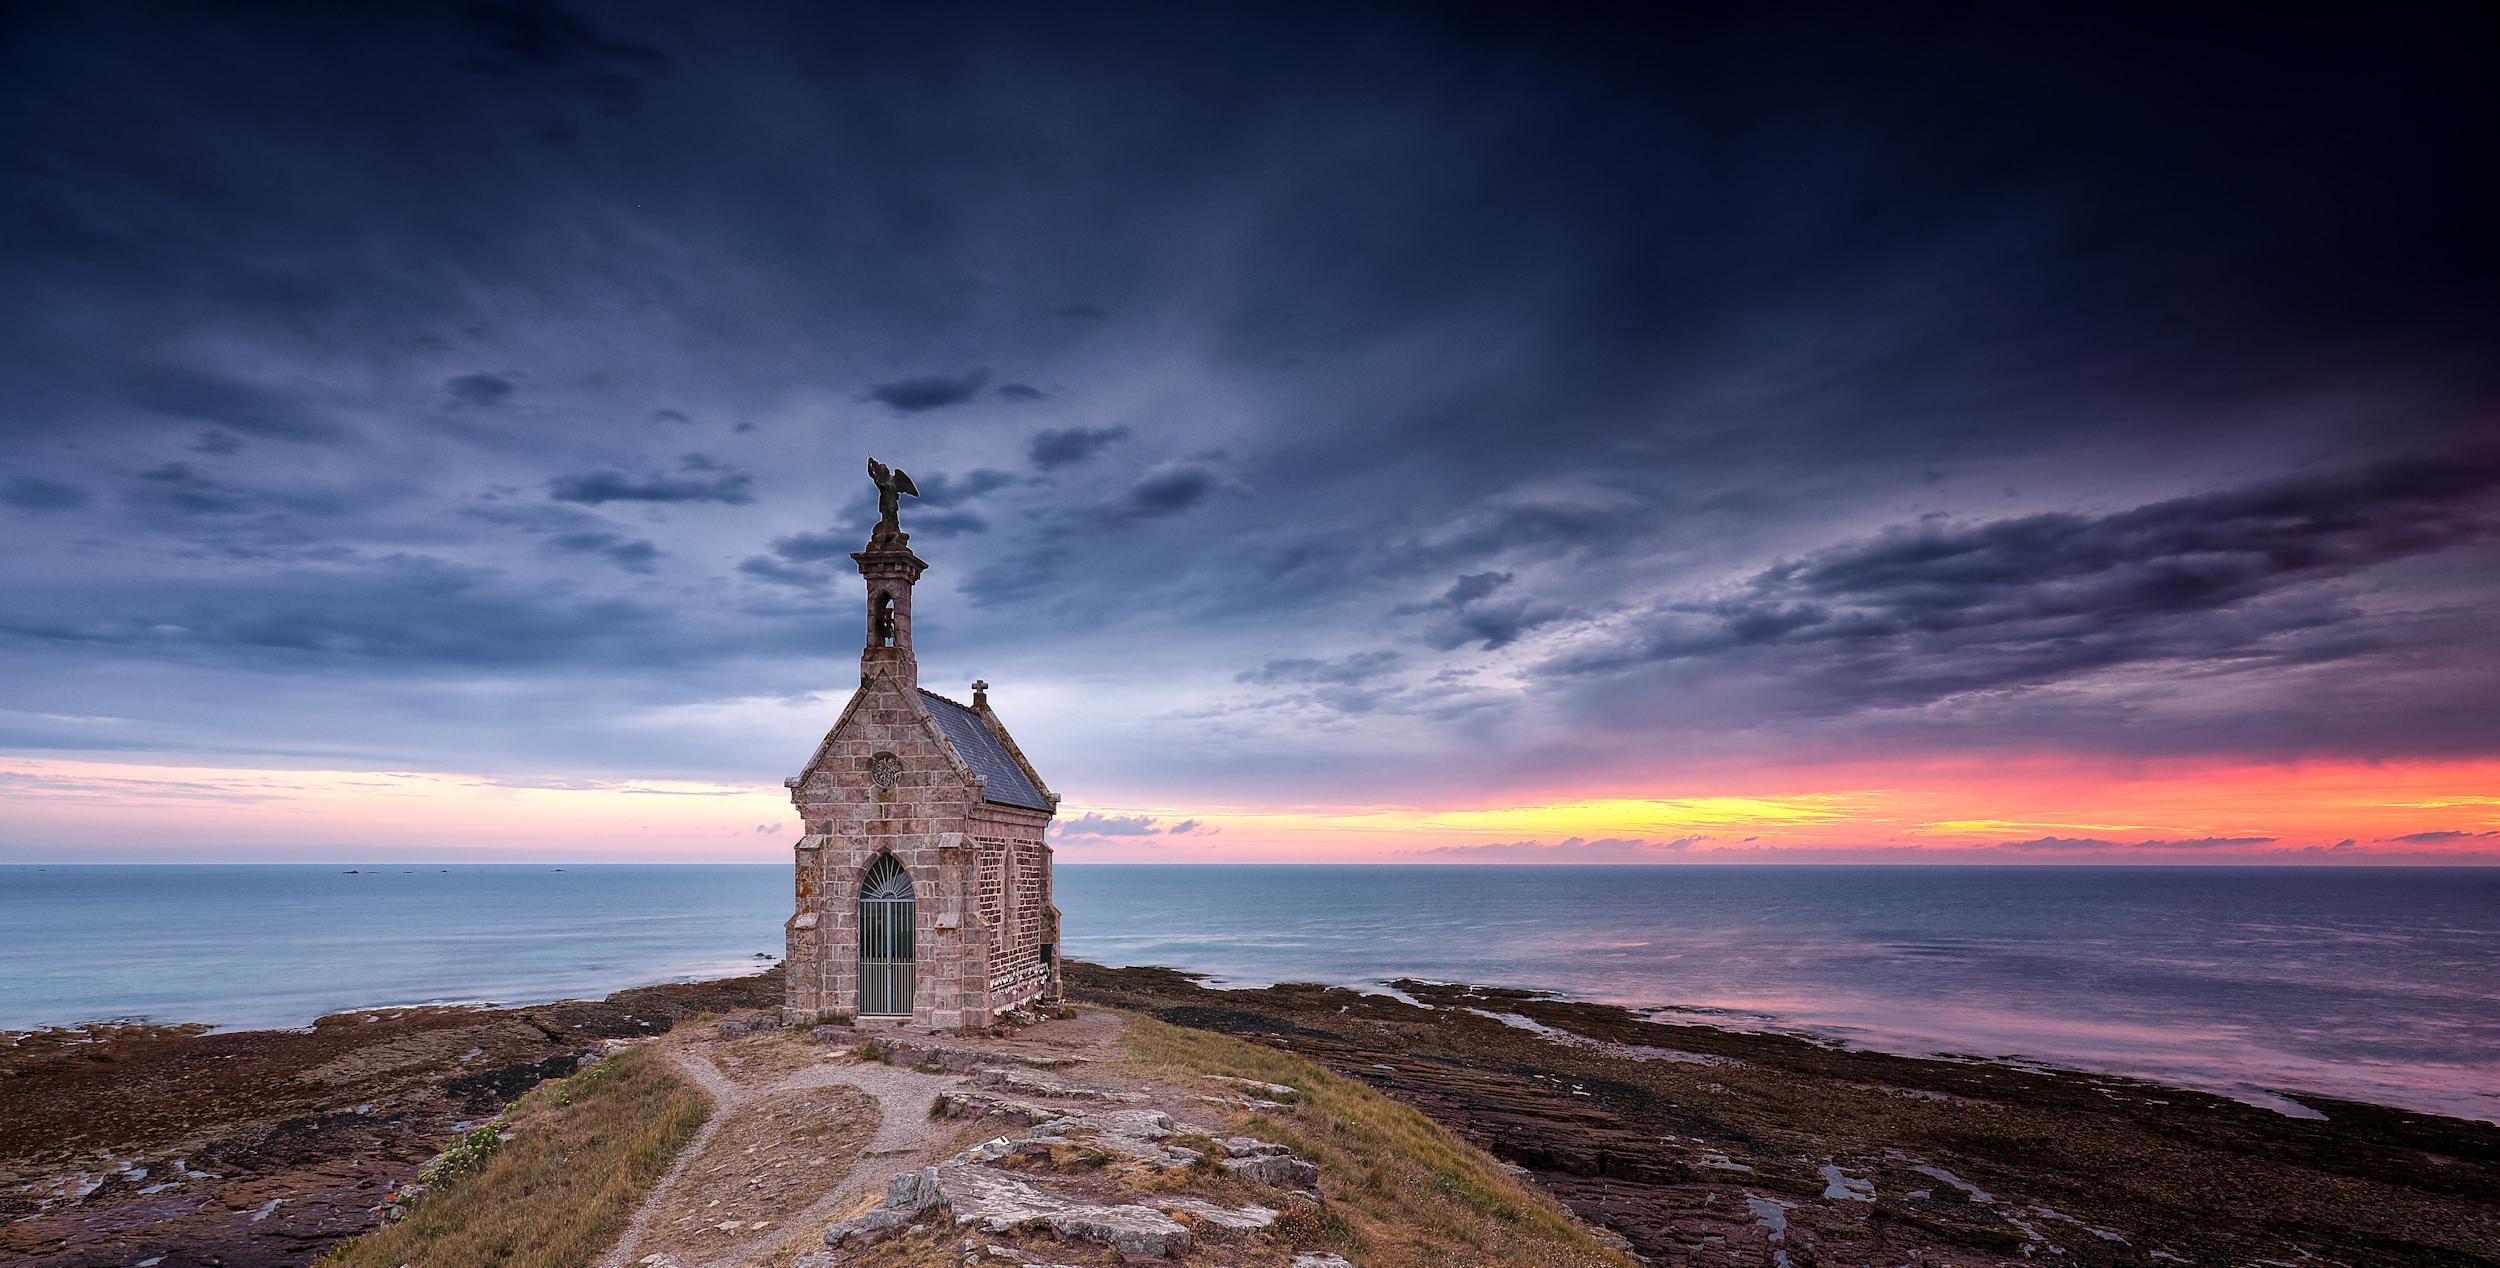 Îlot de Saint-Michel